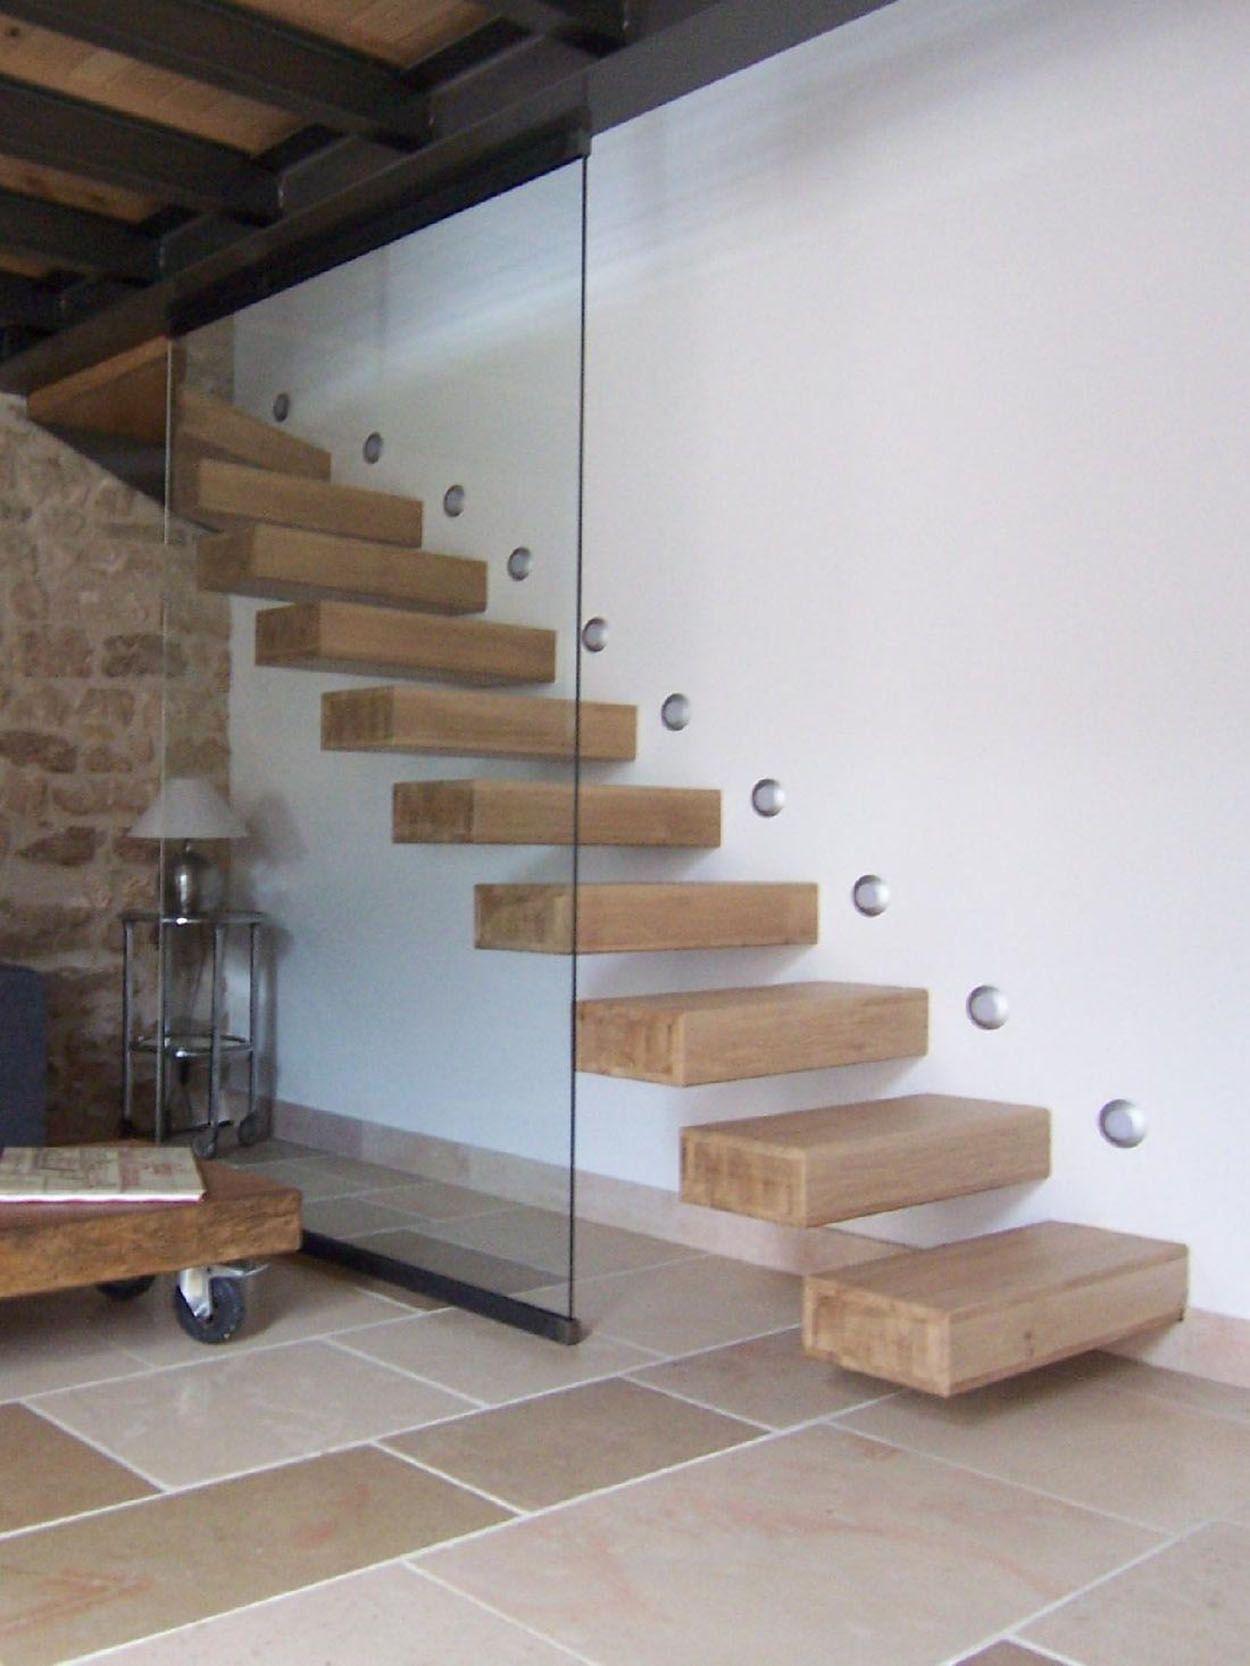 escalier design escalier bois tous les design d 39 escaliers bois originaux pour votre. Black Bedroom Furniture Sets. Home Design Ideas